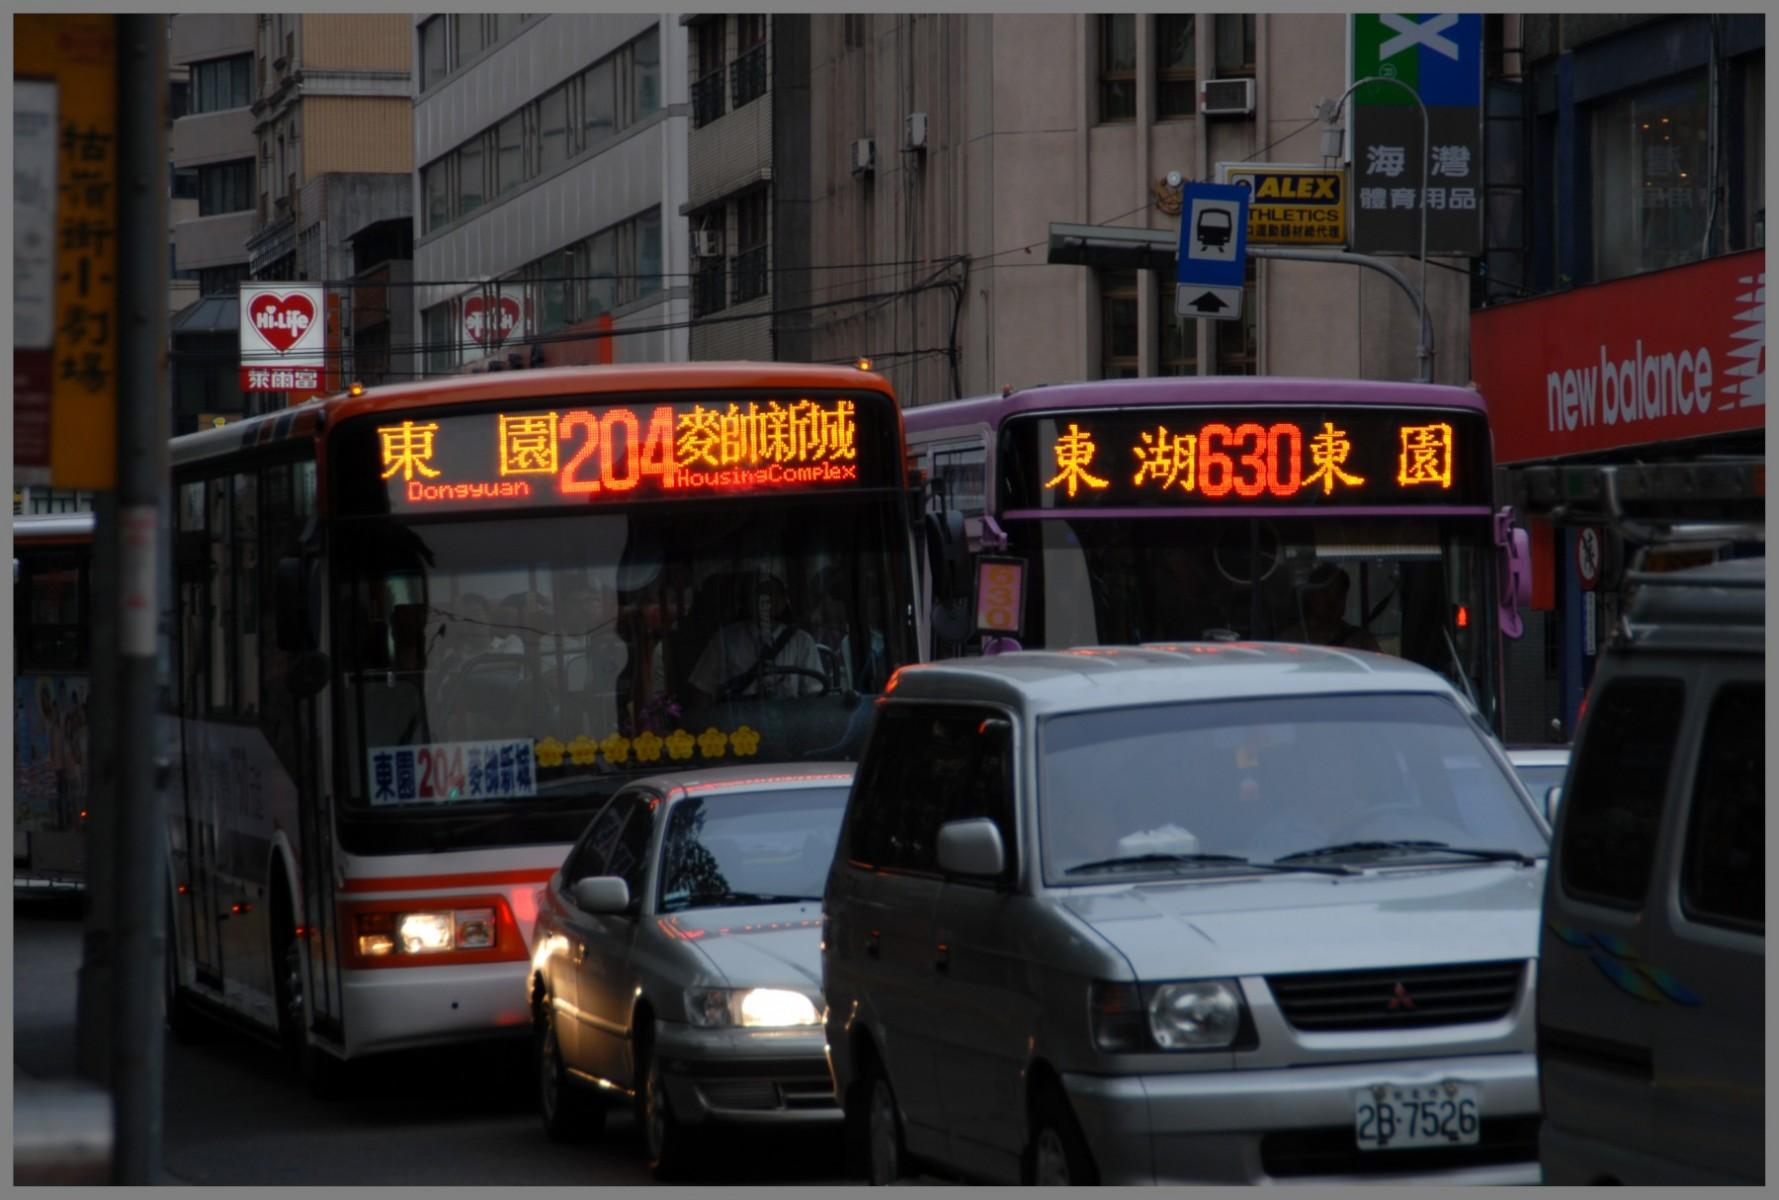 4441608 Taipei 0142